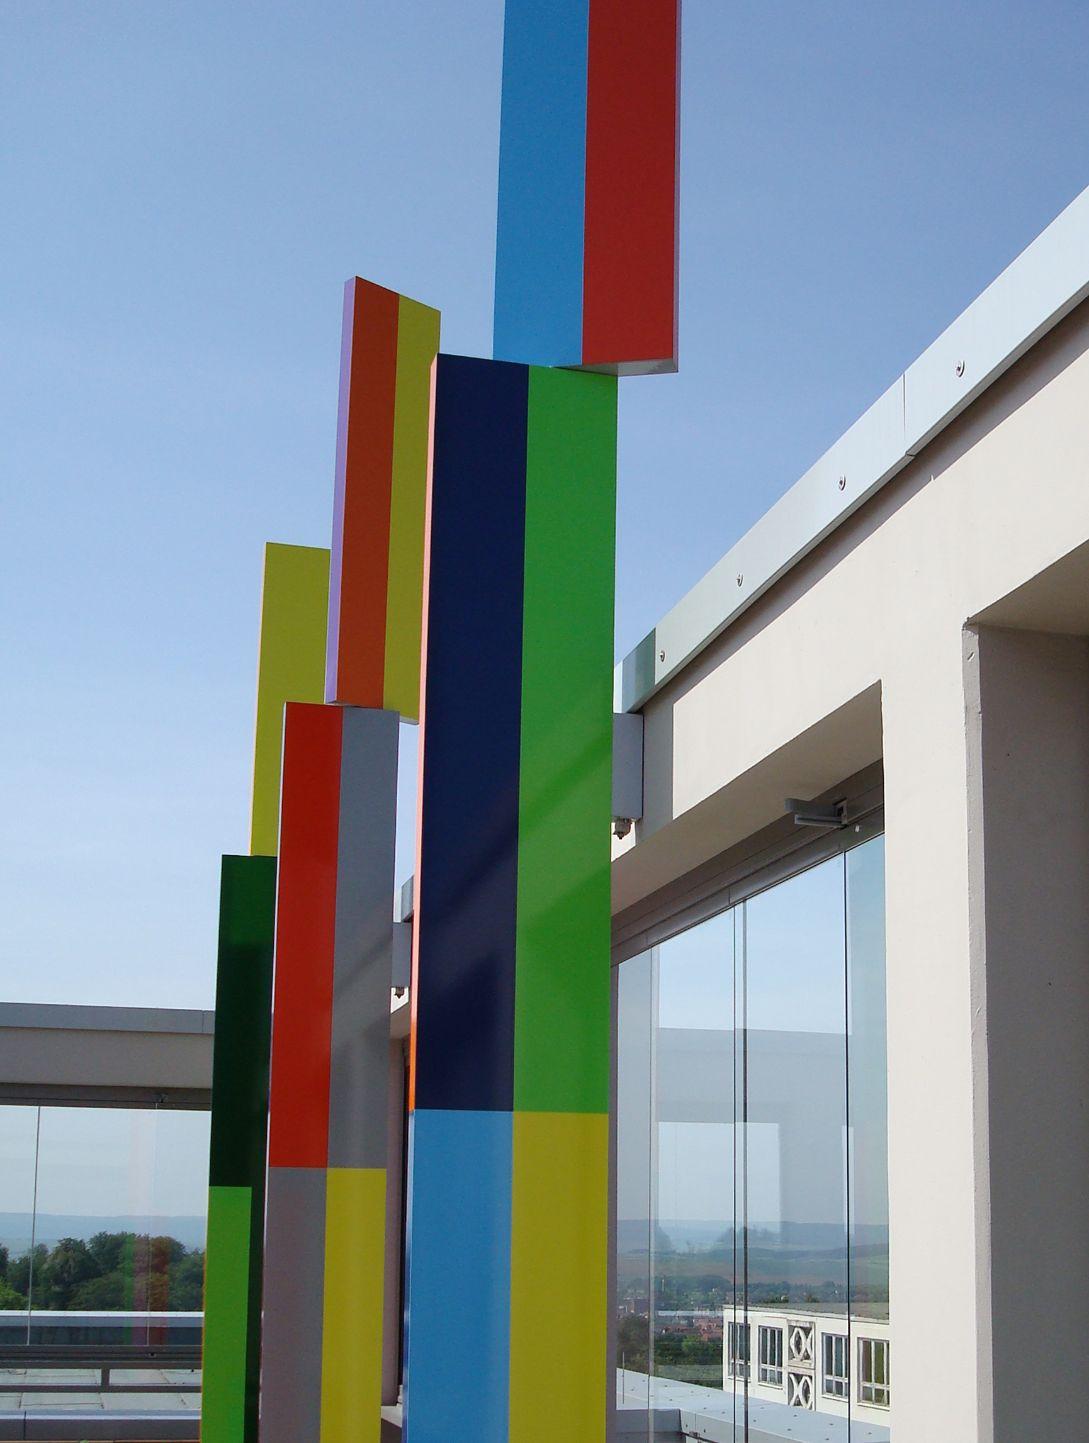 09059u_Kunst am Bau